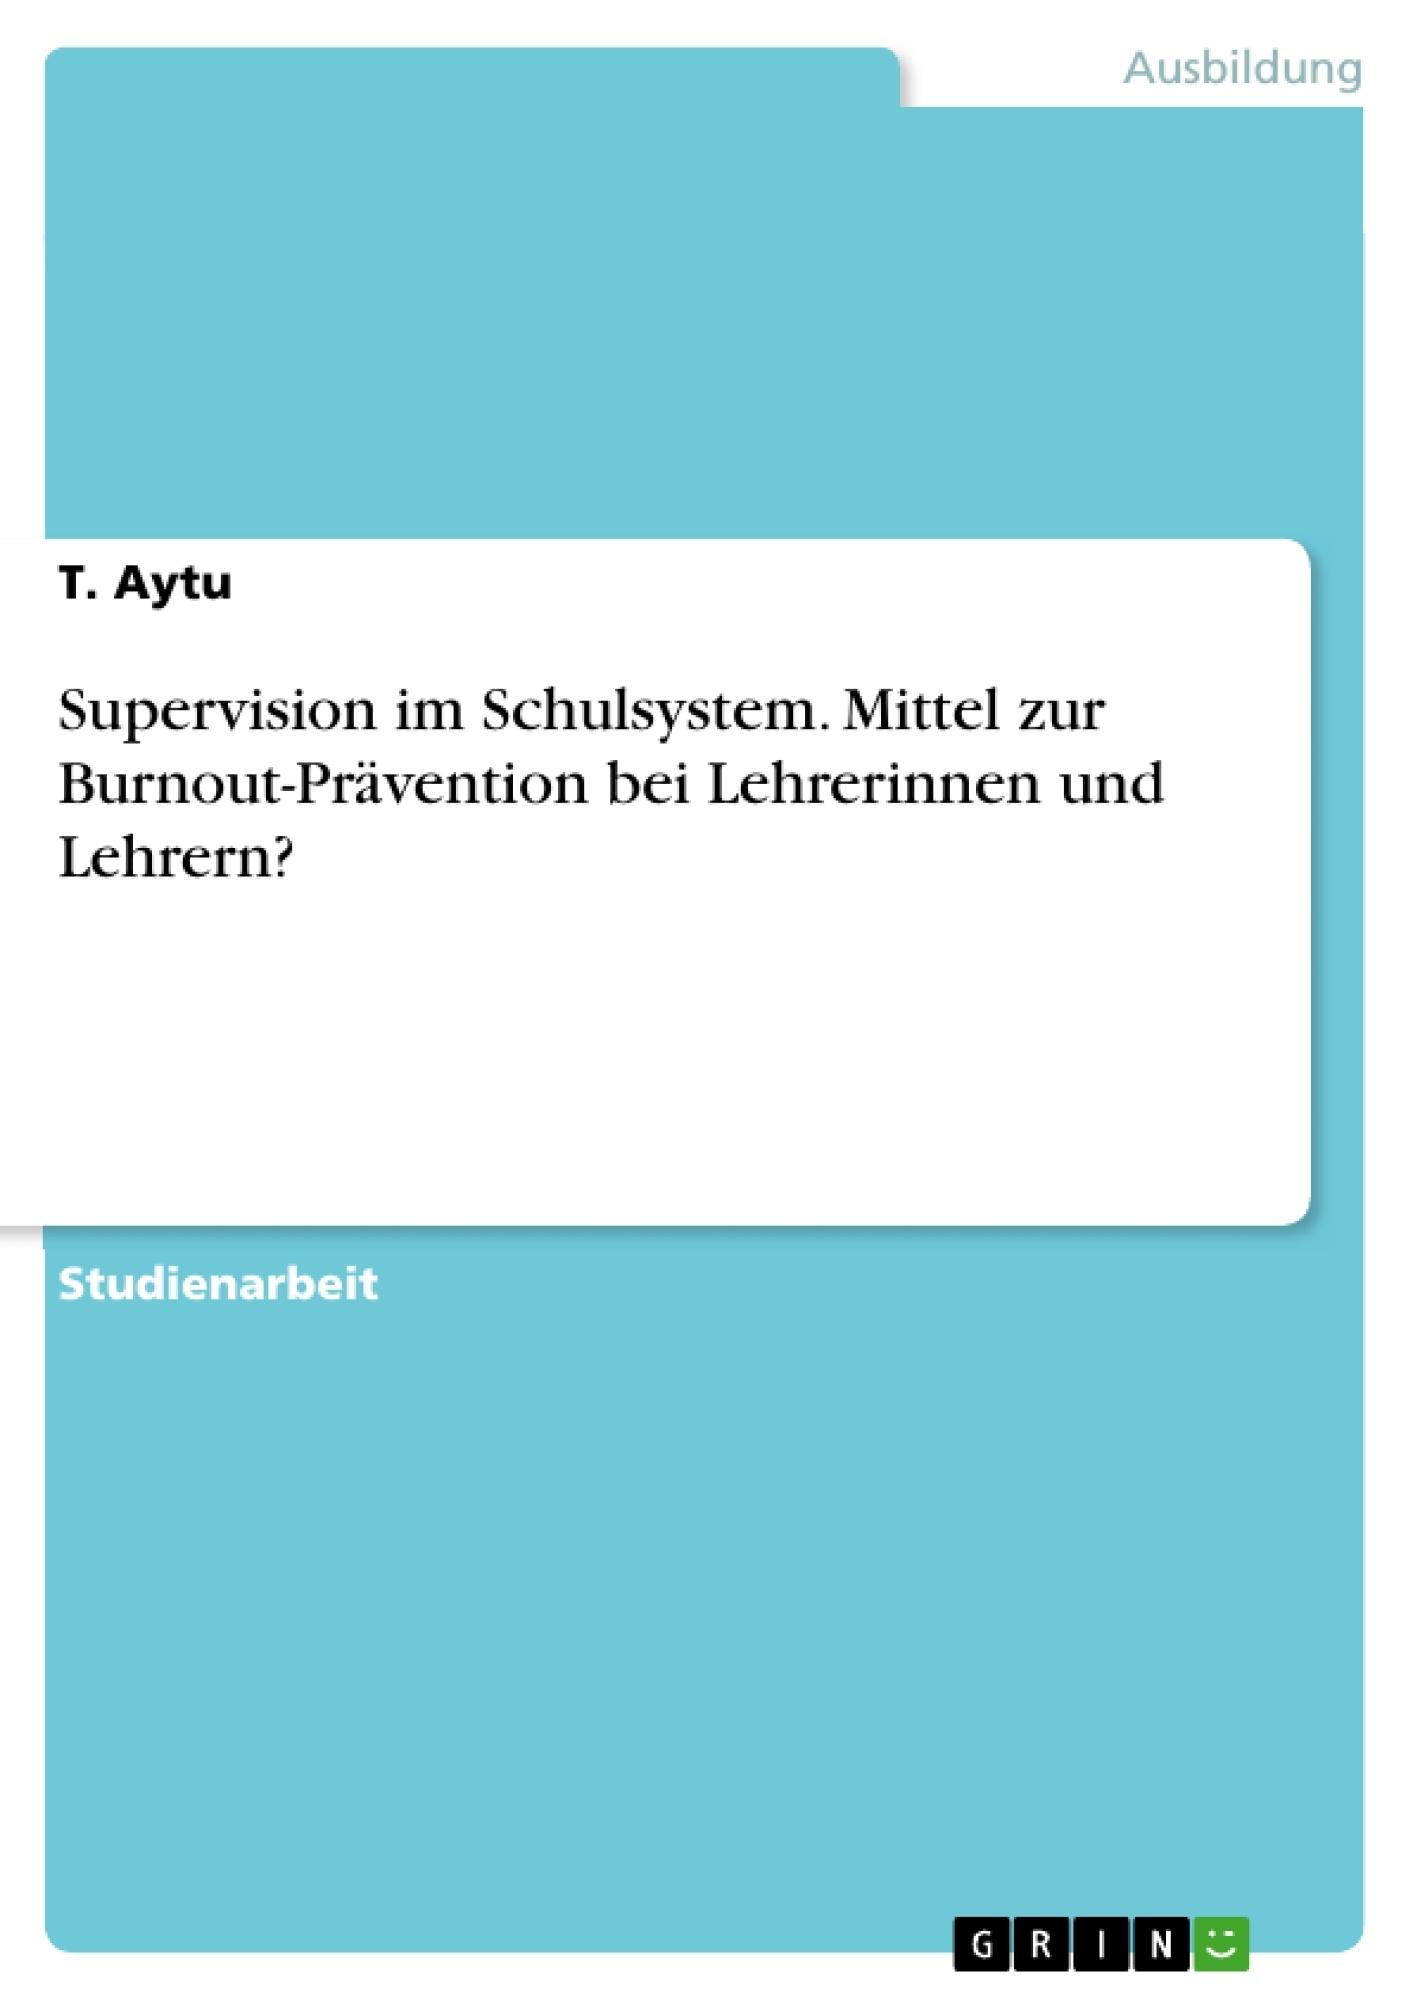 Titel: Supervision im Schulsystem. Mittel zur Burnout-Prävention bei Lehrerinnen und Lehrern?